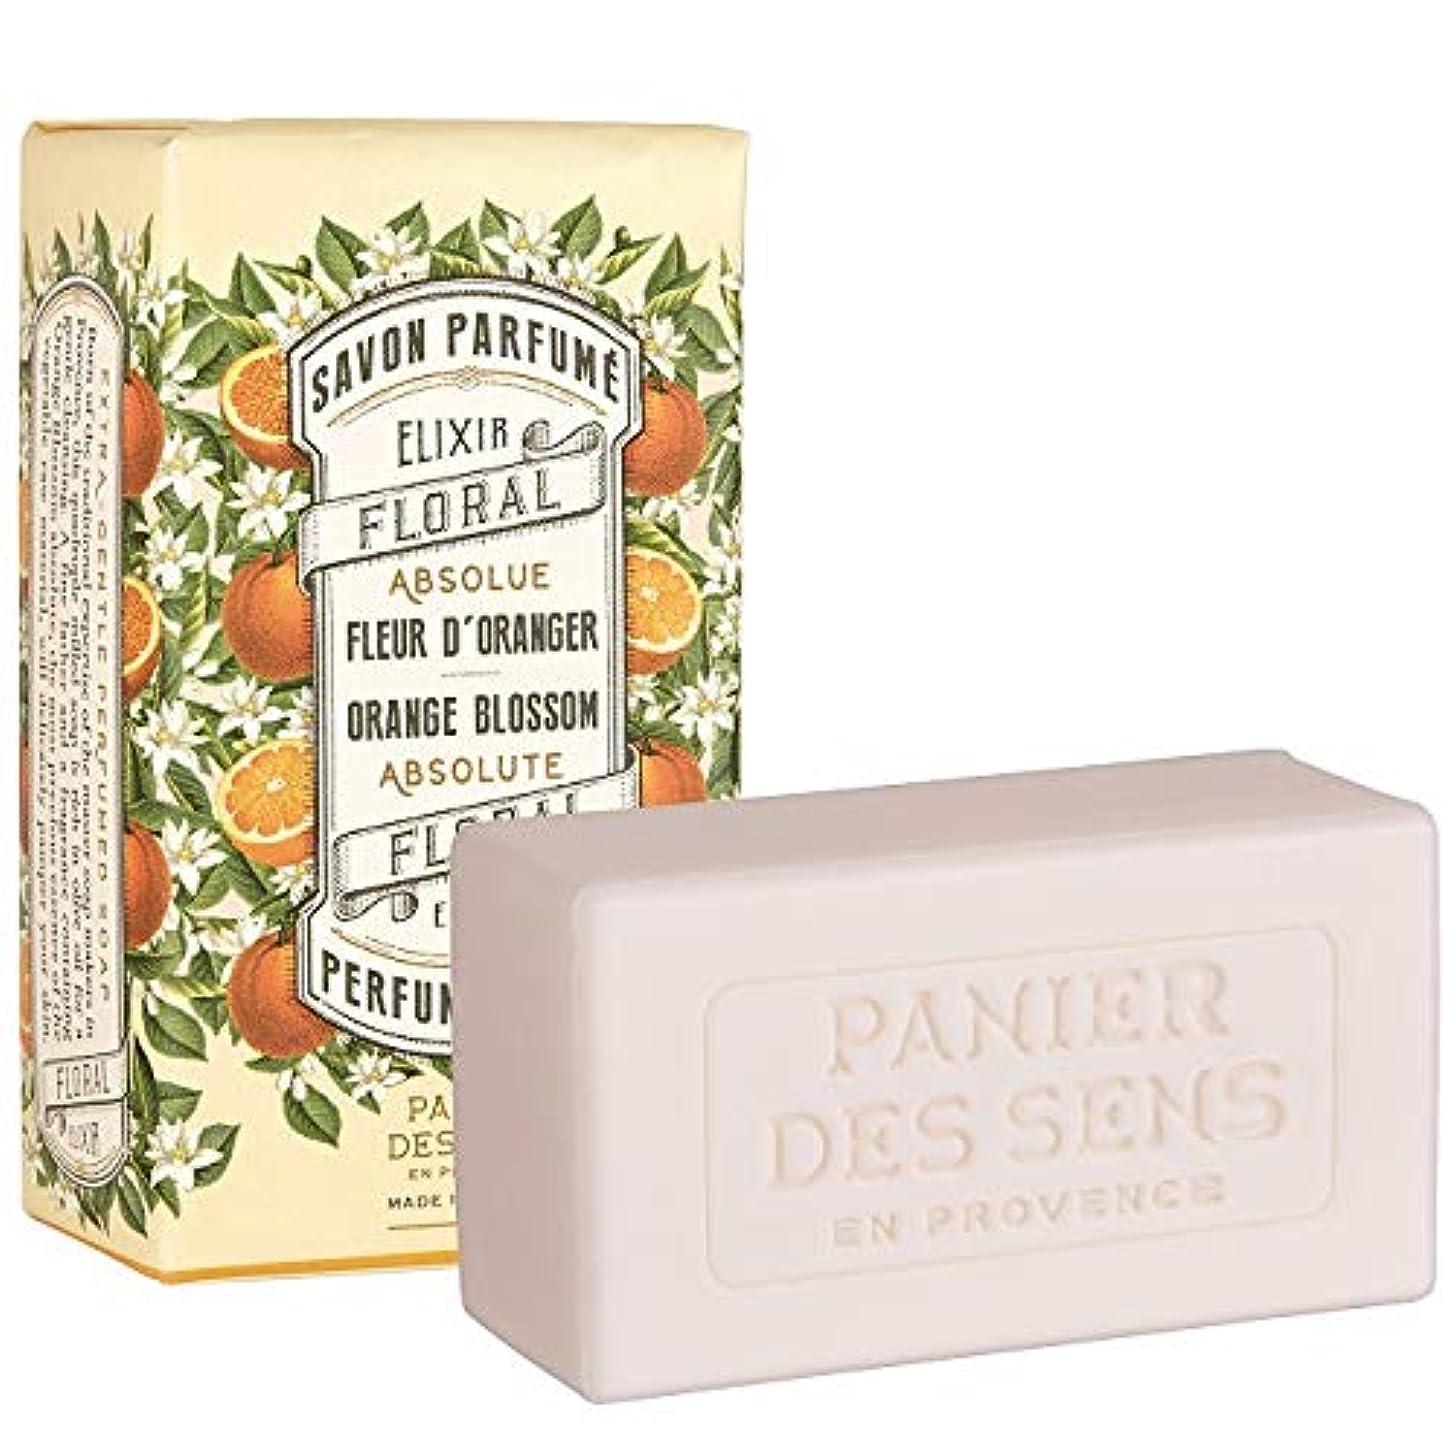 ドキドキ保護とんでもないPanierdessens(パニエデサンス) アブソリュートオレンジブロッサム パフュームドソープ 石鹸 ビターで魅力的な香り 150g